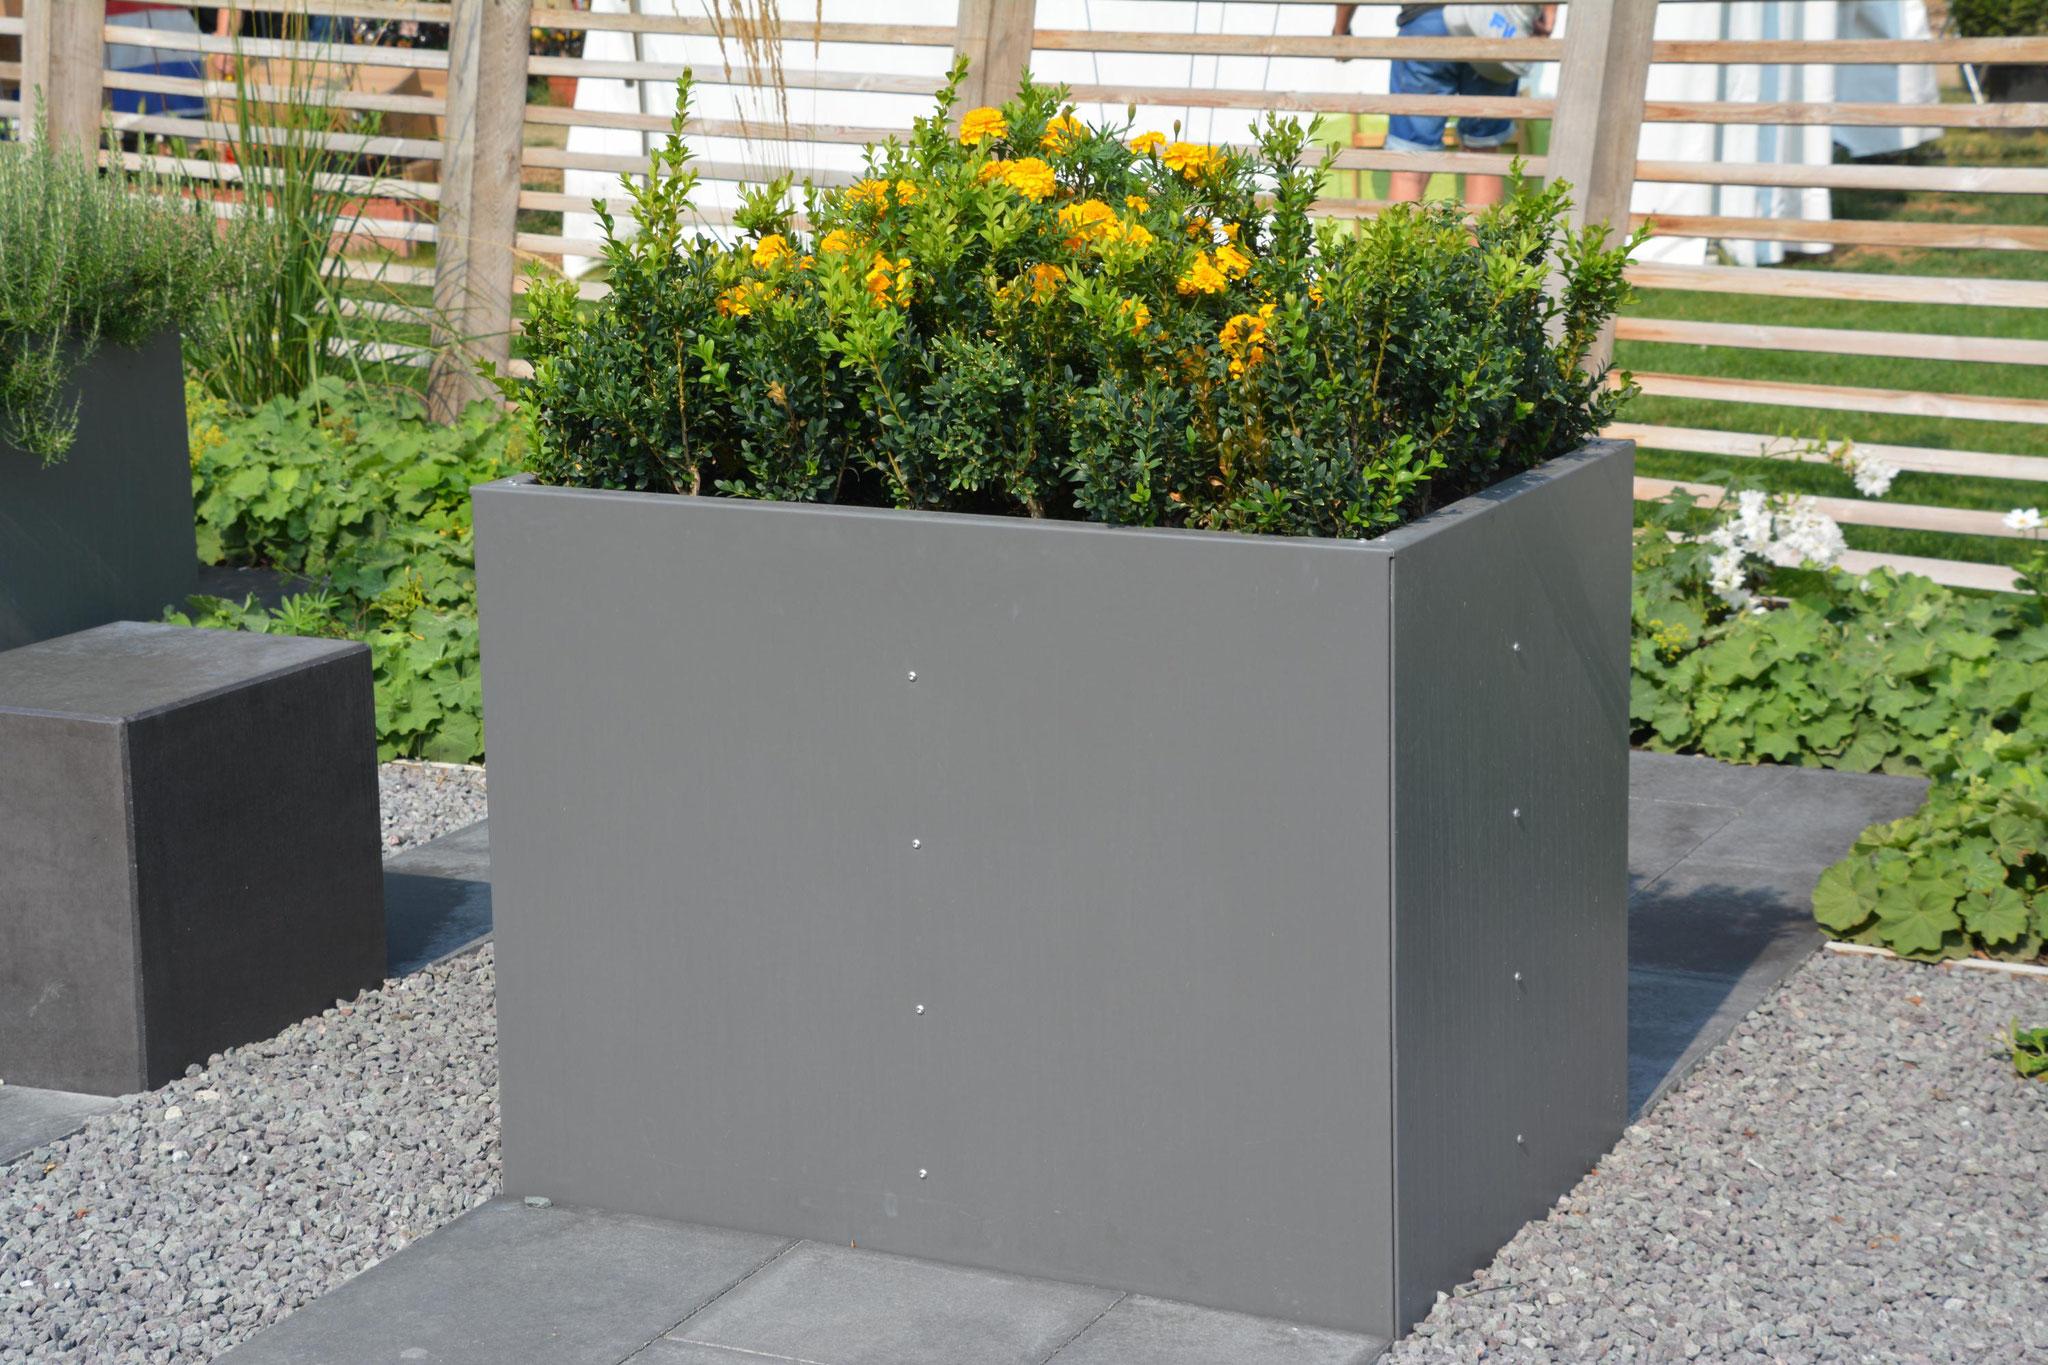 Full Size of Hochbeet Edelstahl Urban Metallmoebel24 Outdoor Küche Garten Edelstahlküche Gebraucht Wohnzimmer Hochbeet Edelstahl